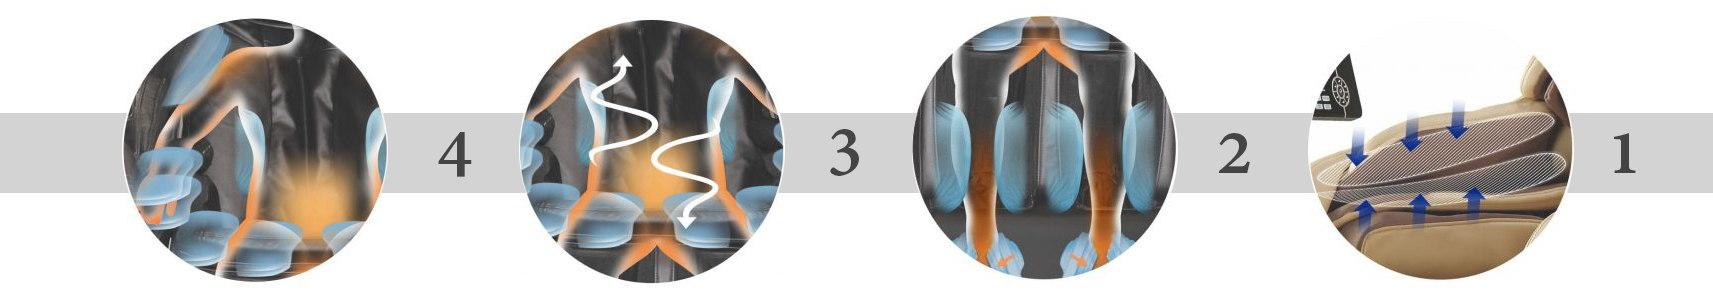 نوع ماساژ مبل ماساژ آی رست SL A90-2